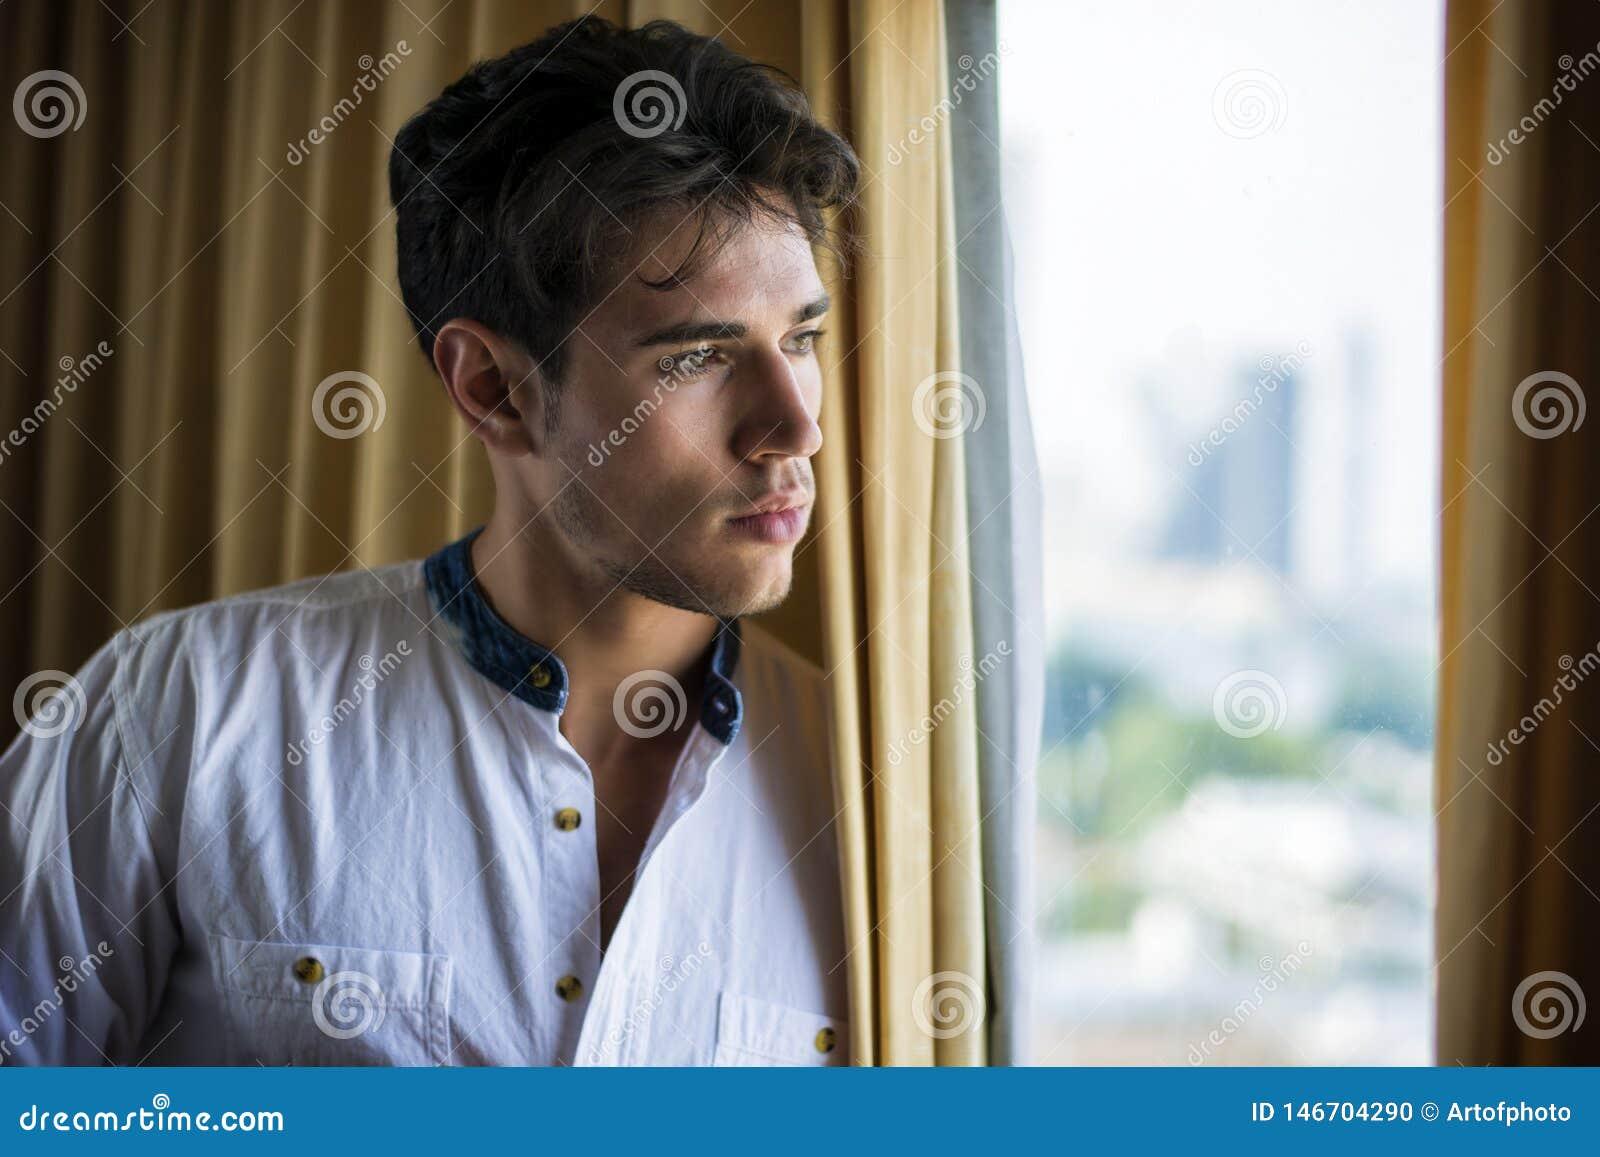 Habillage sexy de jeune homme par des rideaux en fenêtre